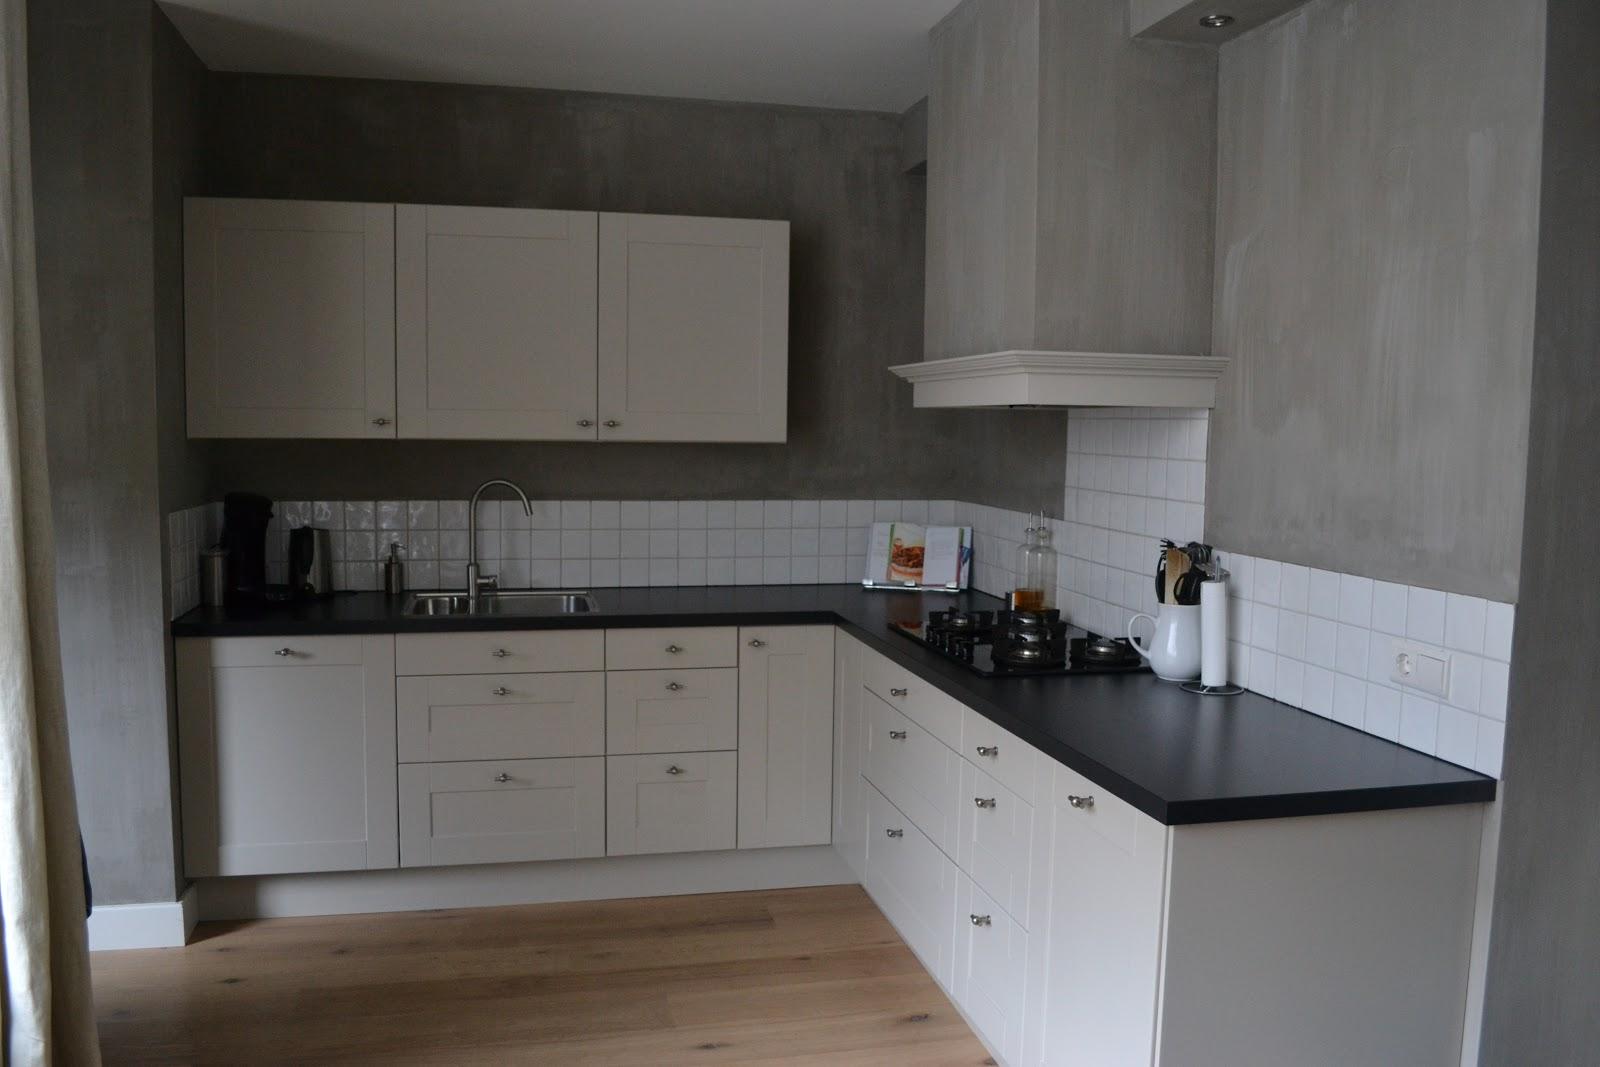 Landelijk at home keuken - Verf wc ...